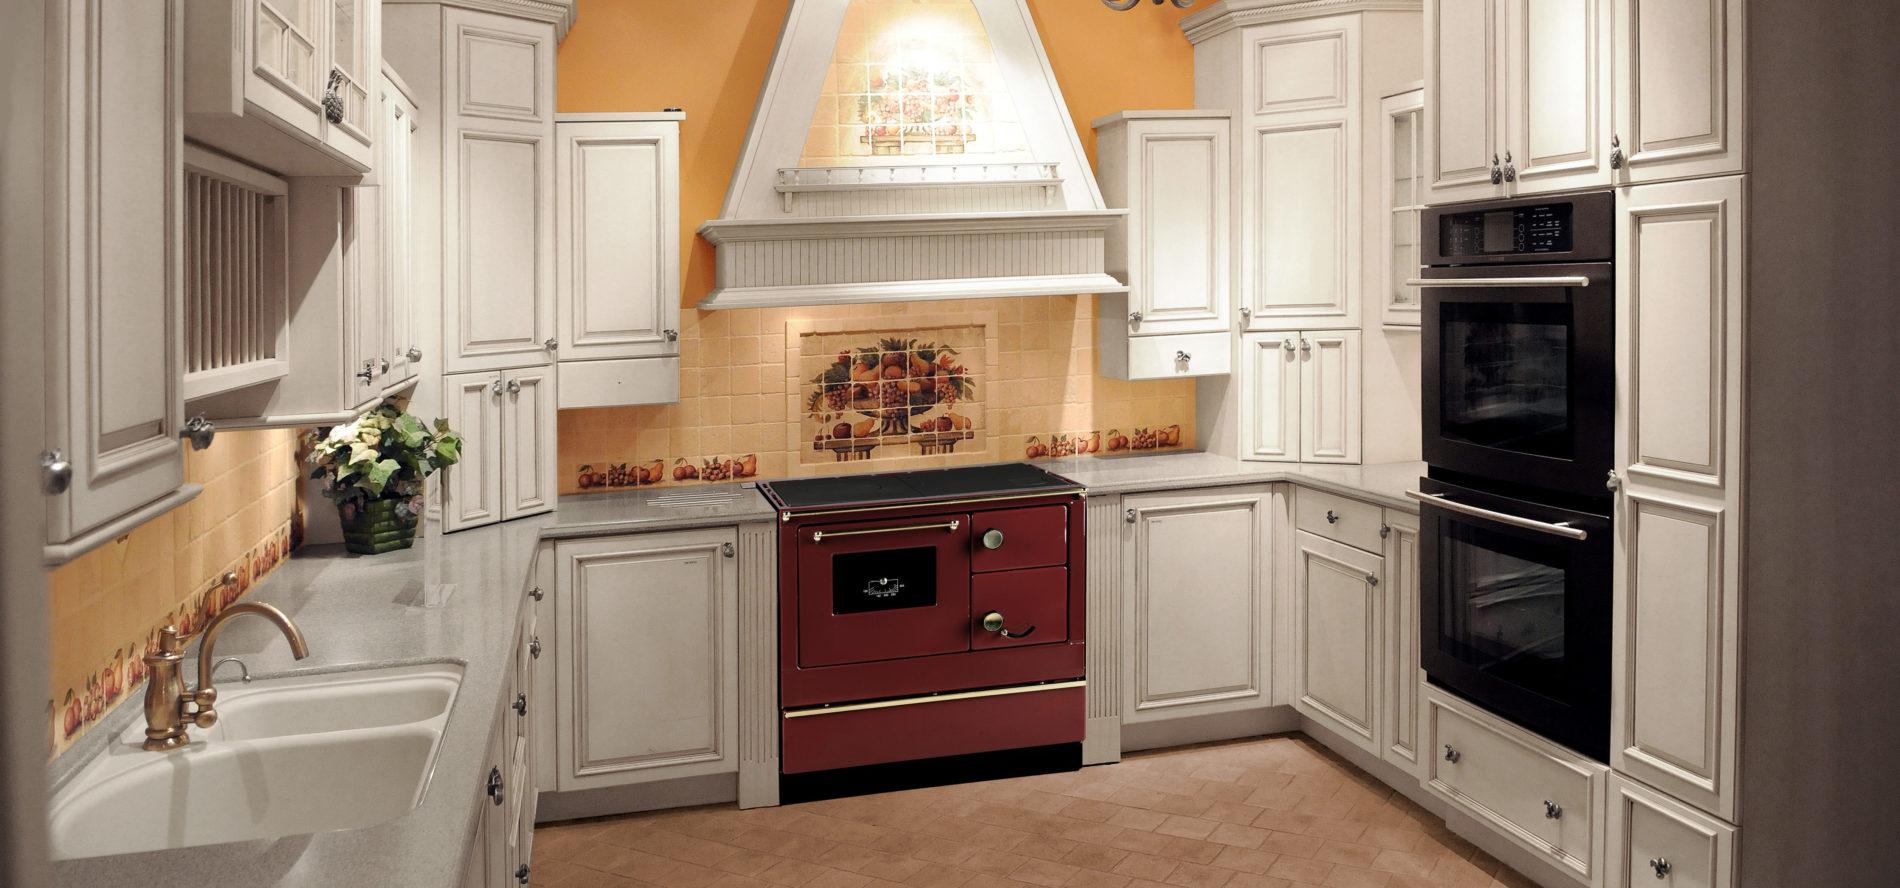 Com diferentes cores e modelos, fogões a lenha de alta performance são incorporados em diversos estilos de decoração.